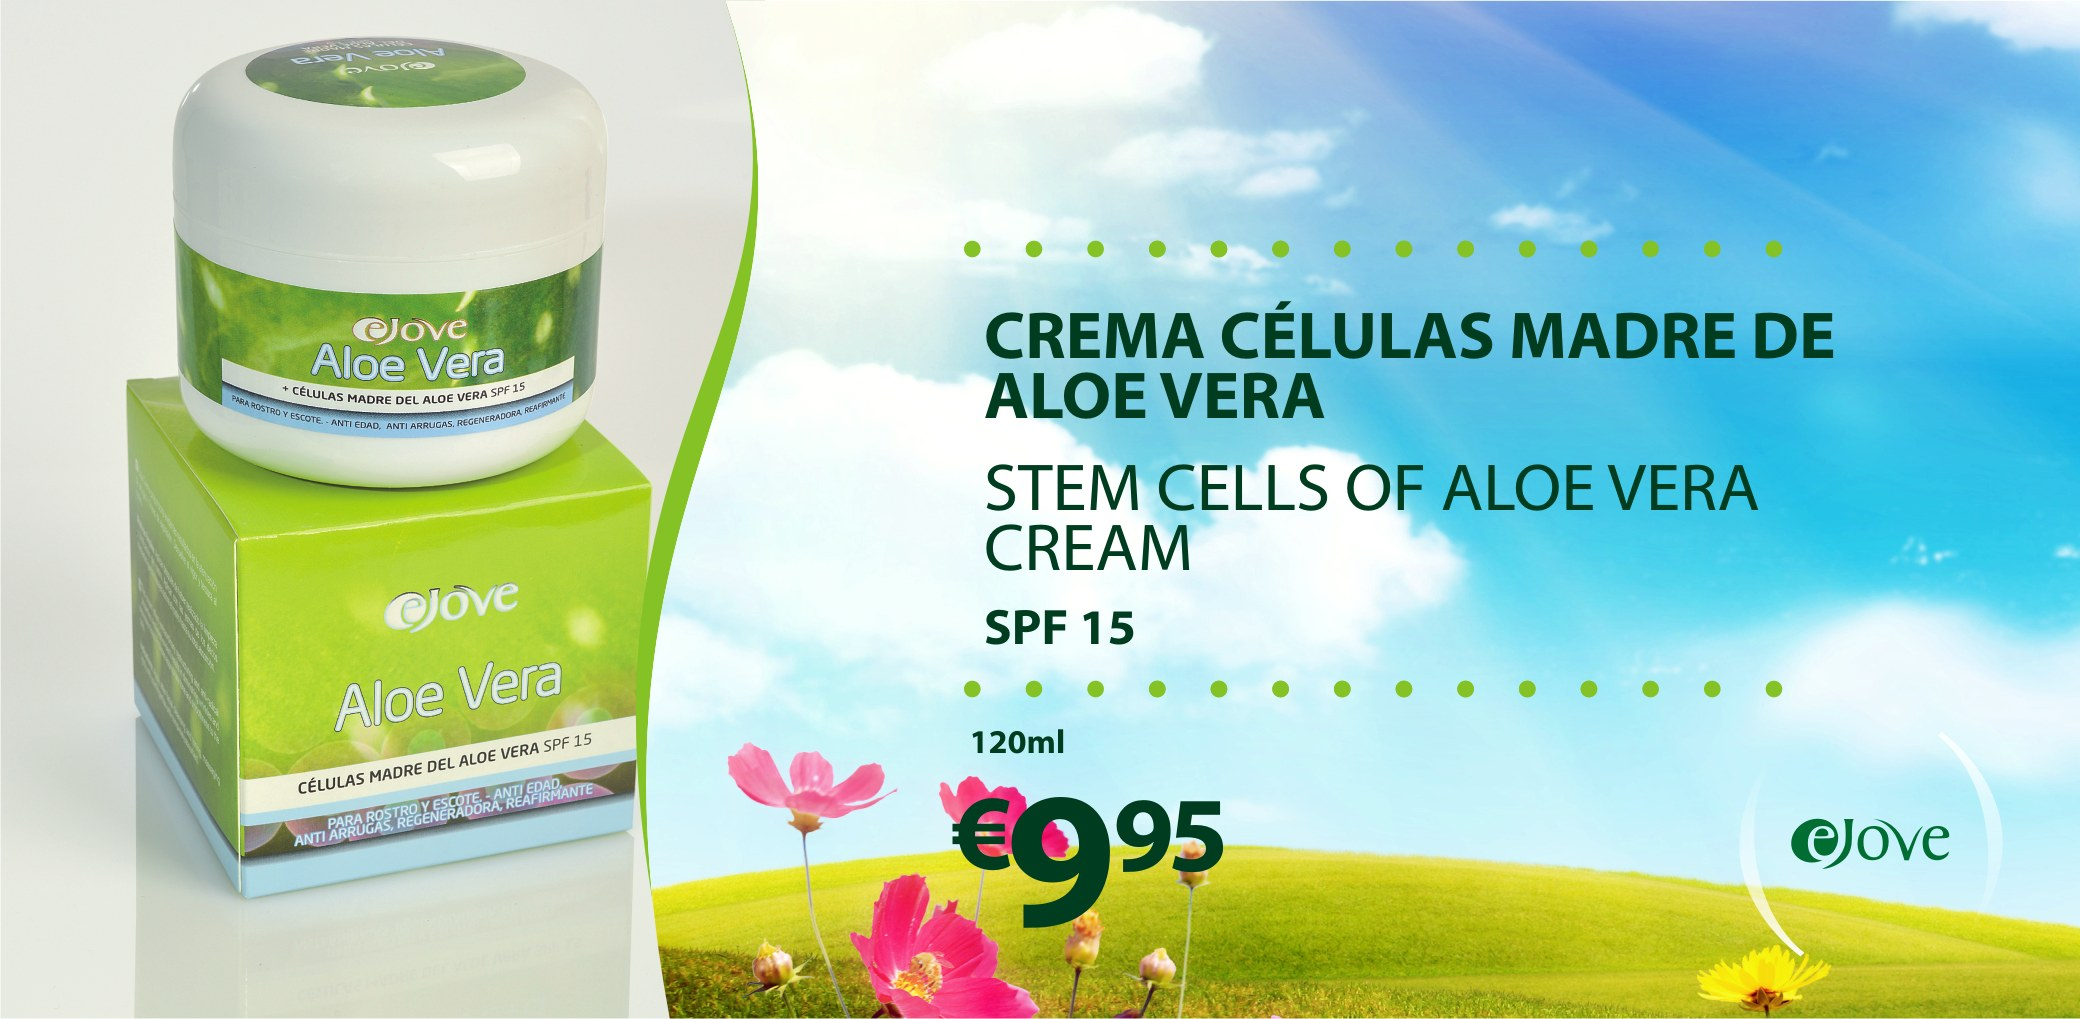 Crema Celulas Madre